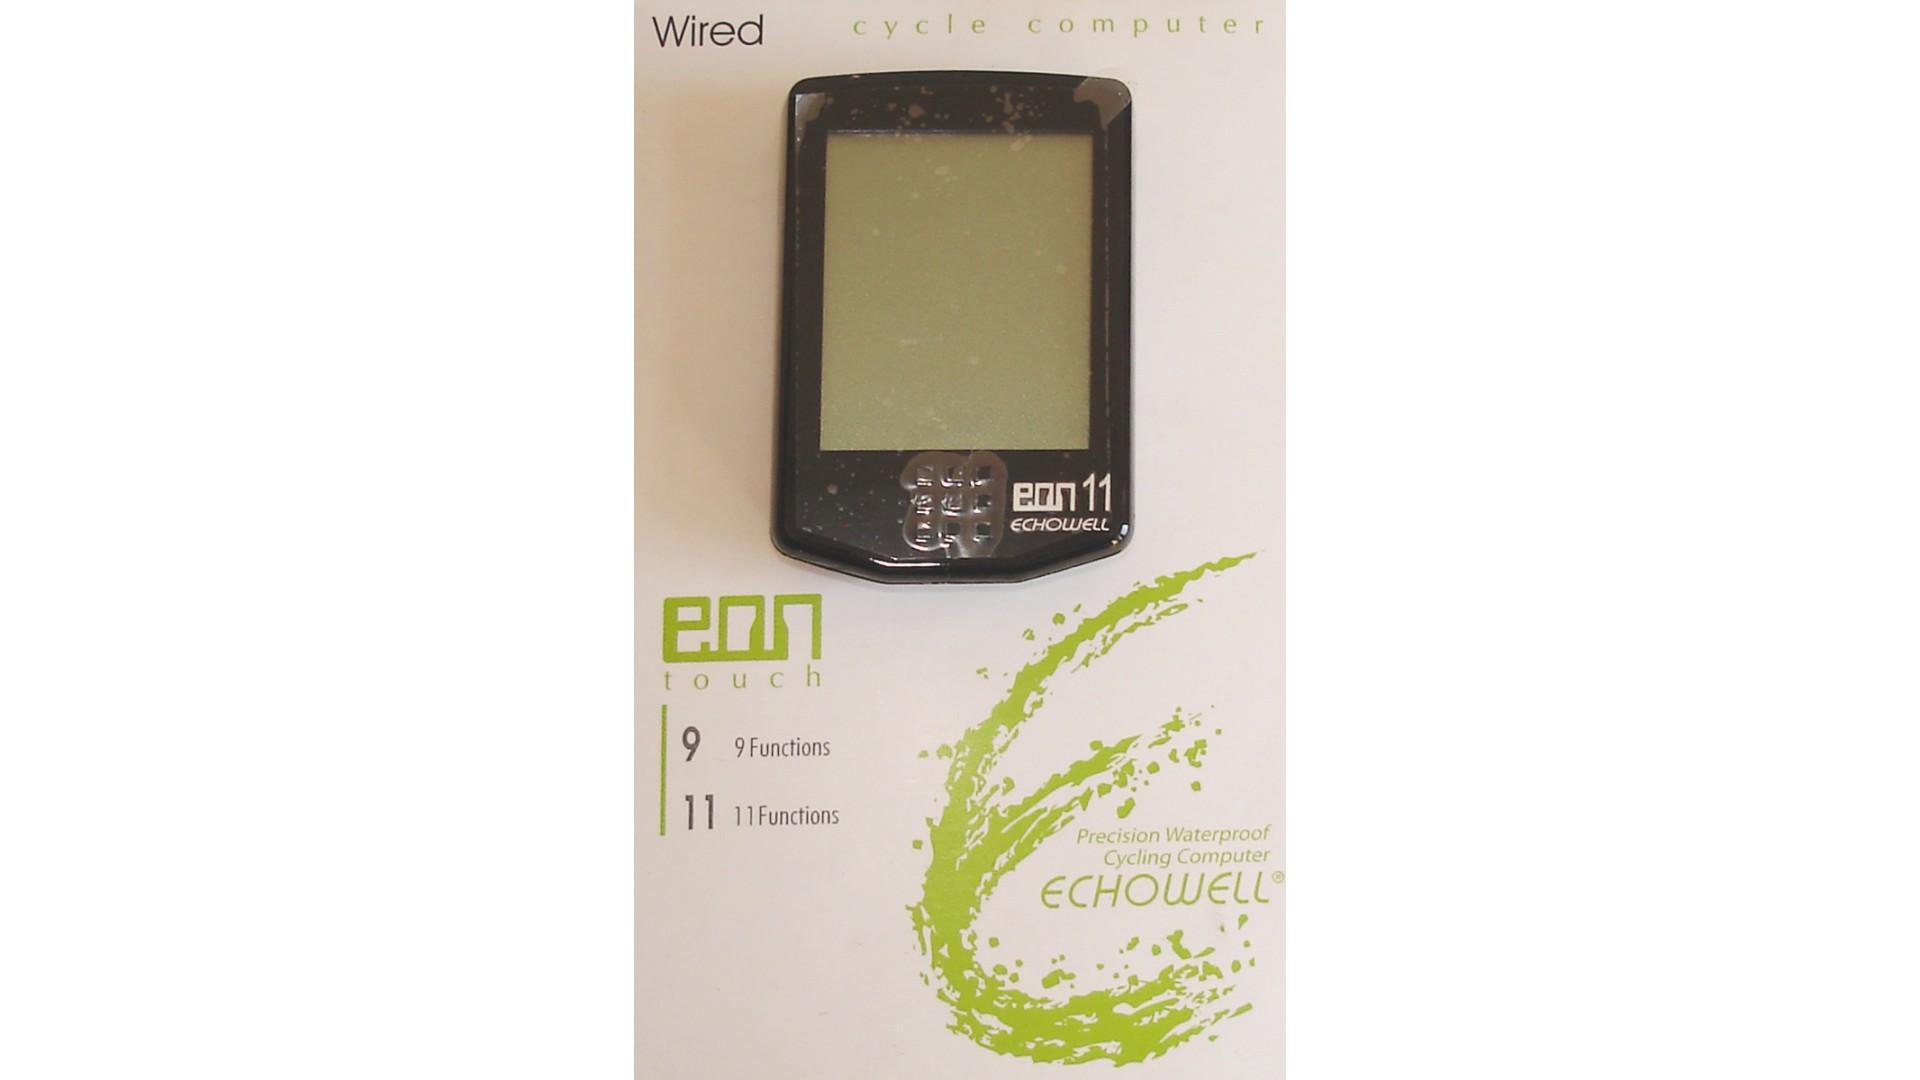 Велокомпьютер Echowell EON-11, 11 функций,сенсорный дисплей,черный